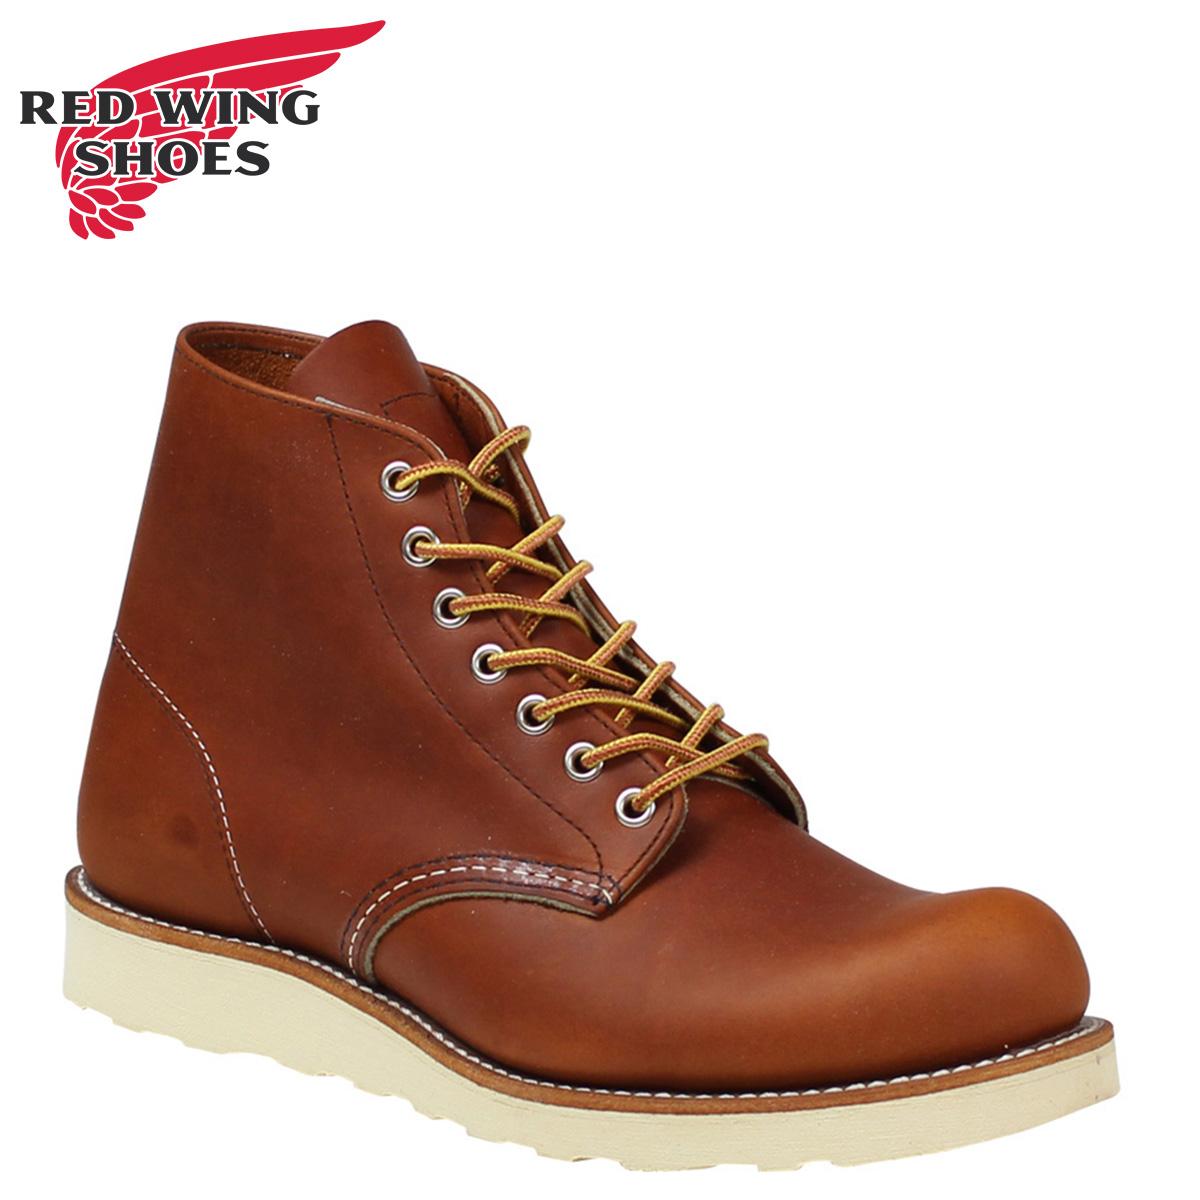 RED WING レッドウィング アイリッシュセッター 6インチ クラシック ブーツ CLASSIC ROUND ラウンドトゥ Dワイズ 8822 レッドウイング